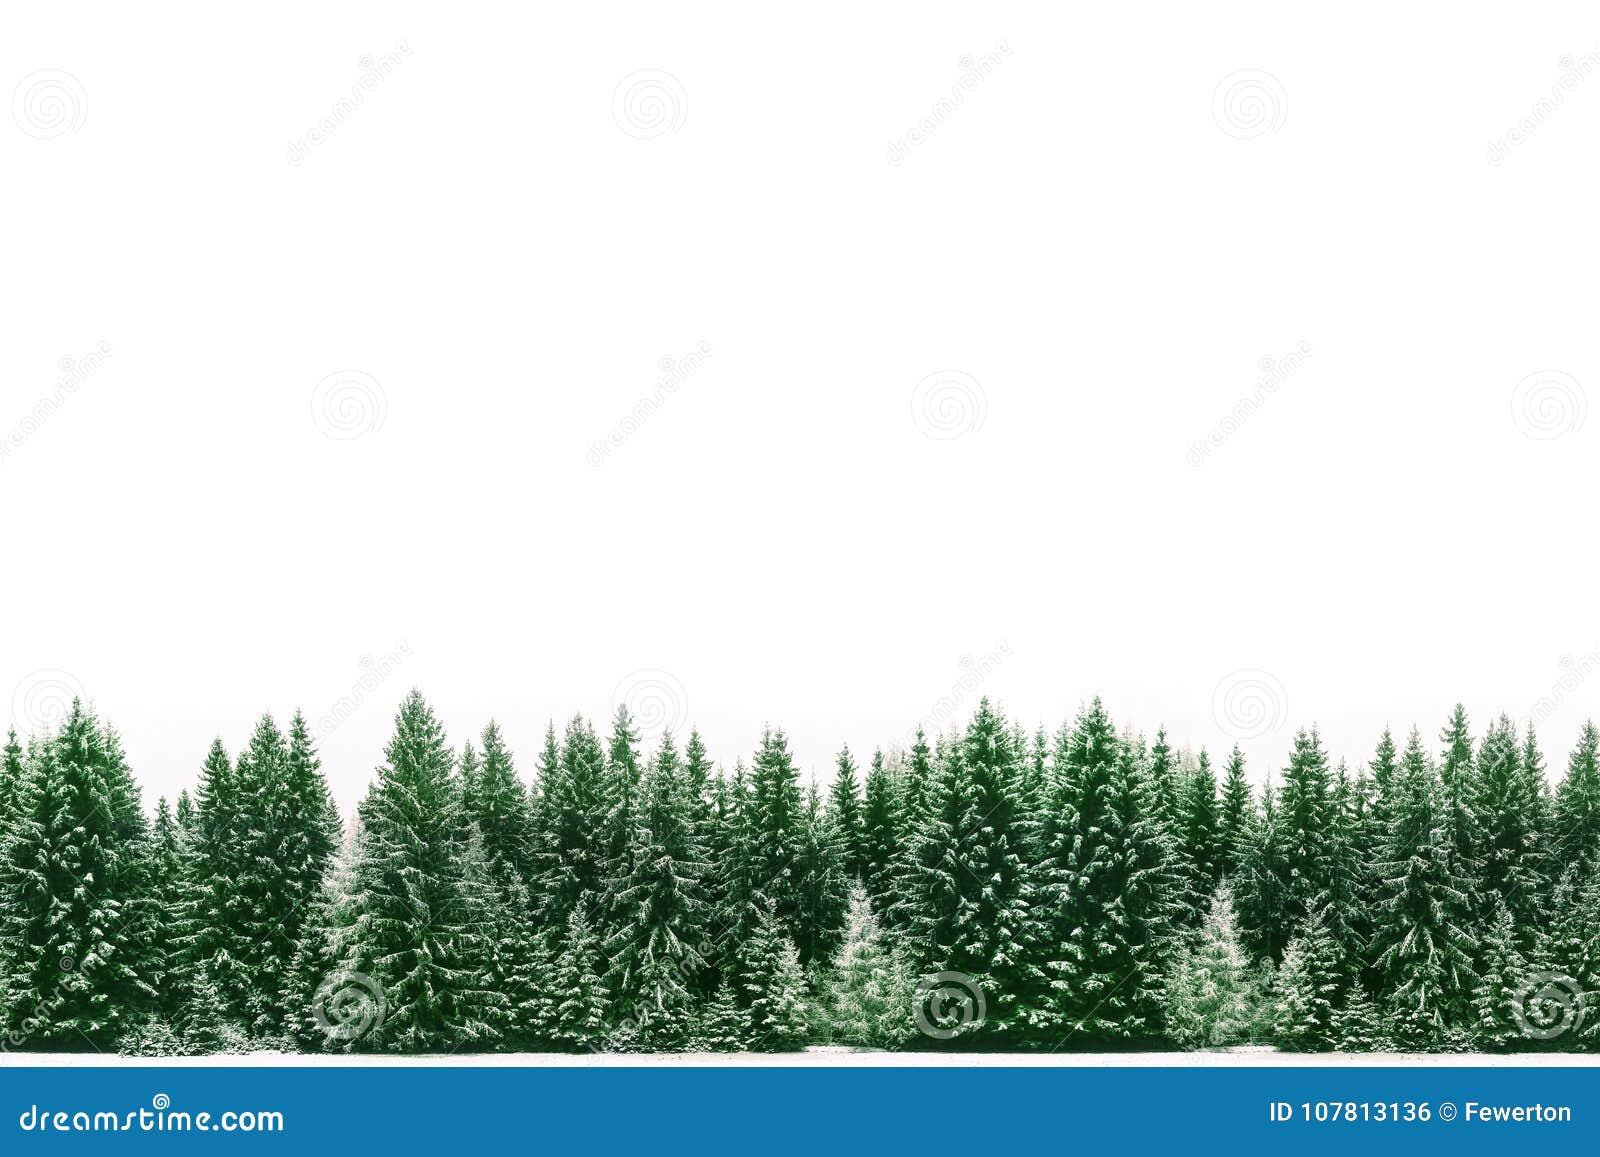 Kadergrens van het groene nette die bos van pijnboombomen door verse sneeuw tijdens de tijd van de Winterkerstmis wordt behandeld